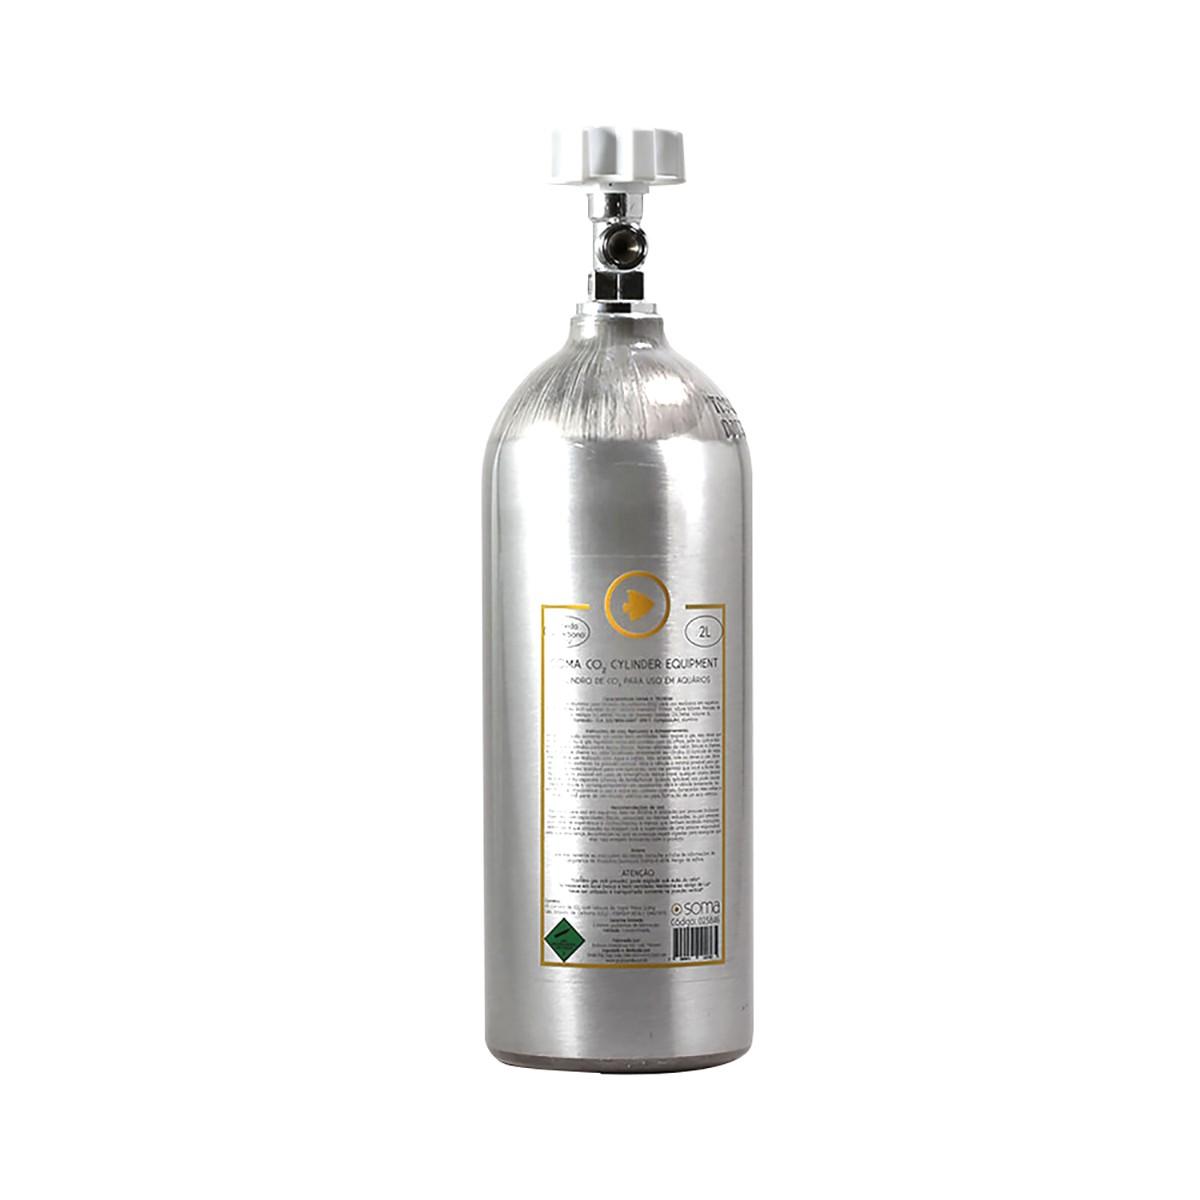 Cilindro de CO2 SOMA para Aquários - 2 Litros (Alumínio ABNT)